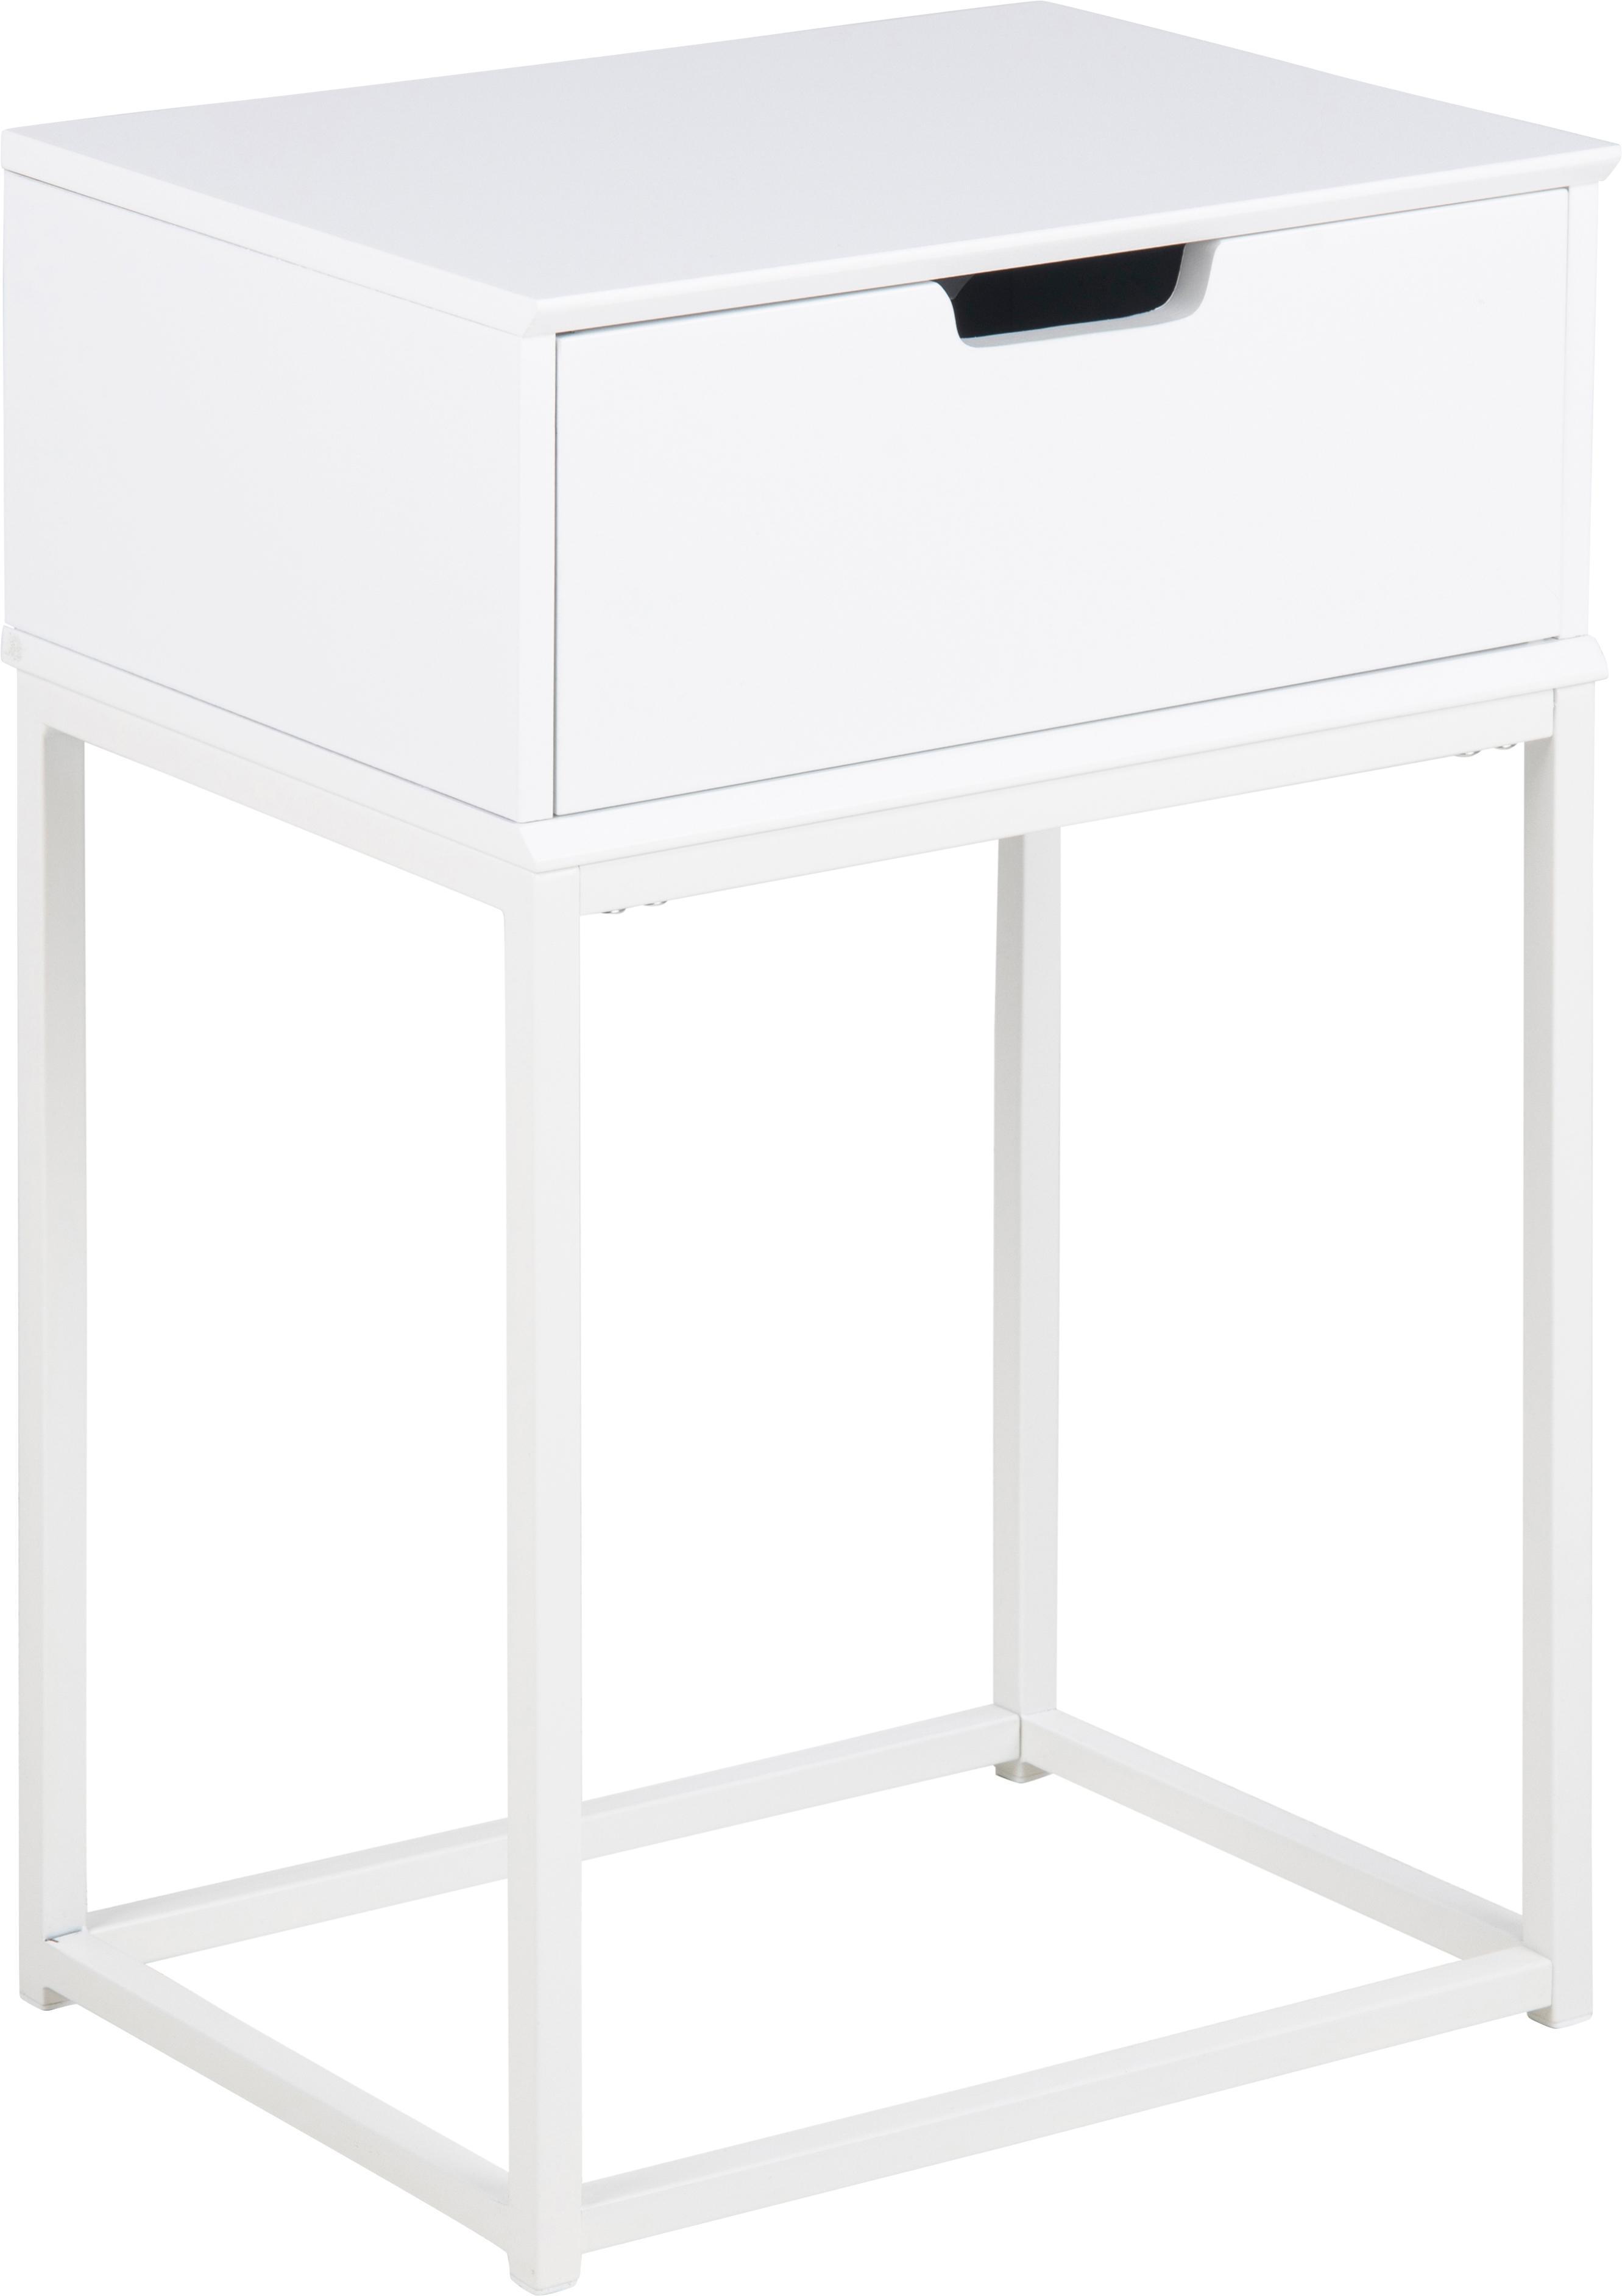 Comodino con cassetto Mitra, Legno, metallo, Bianco, Larg. 40 x Alt. 62 cm